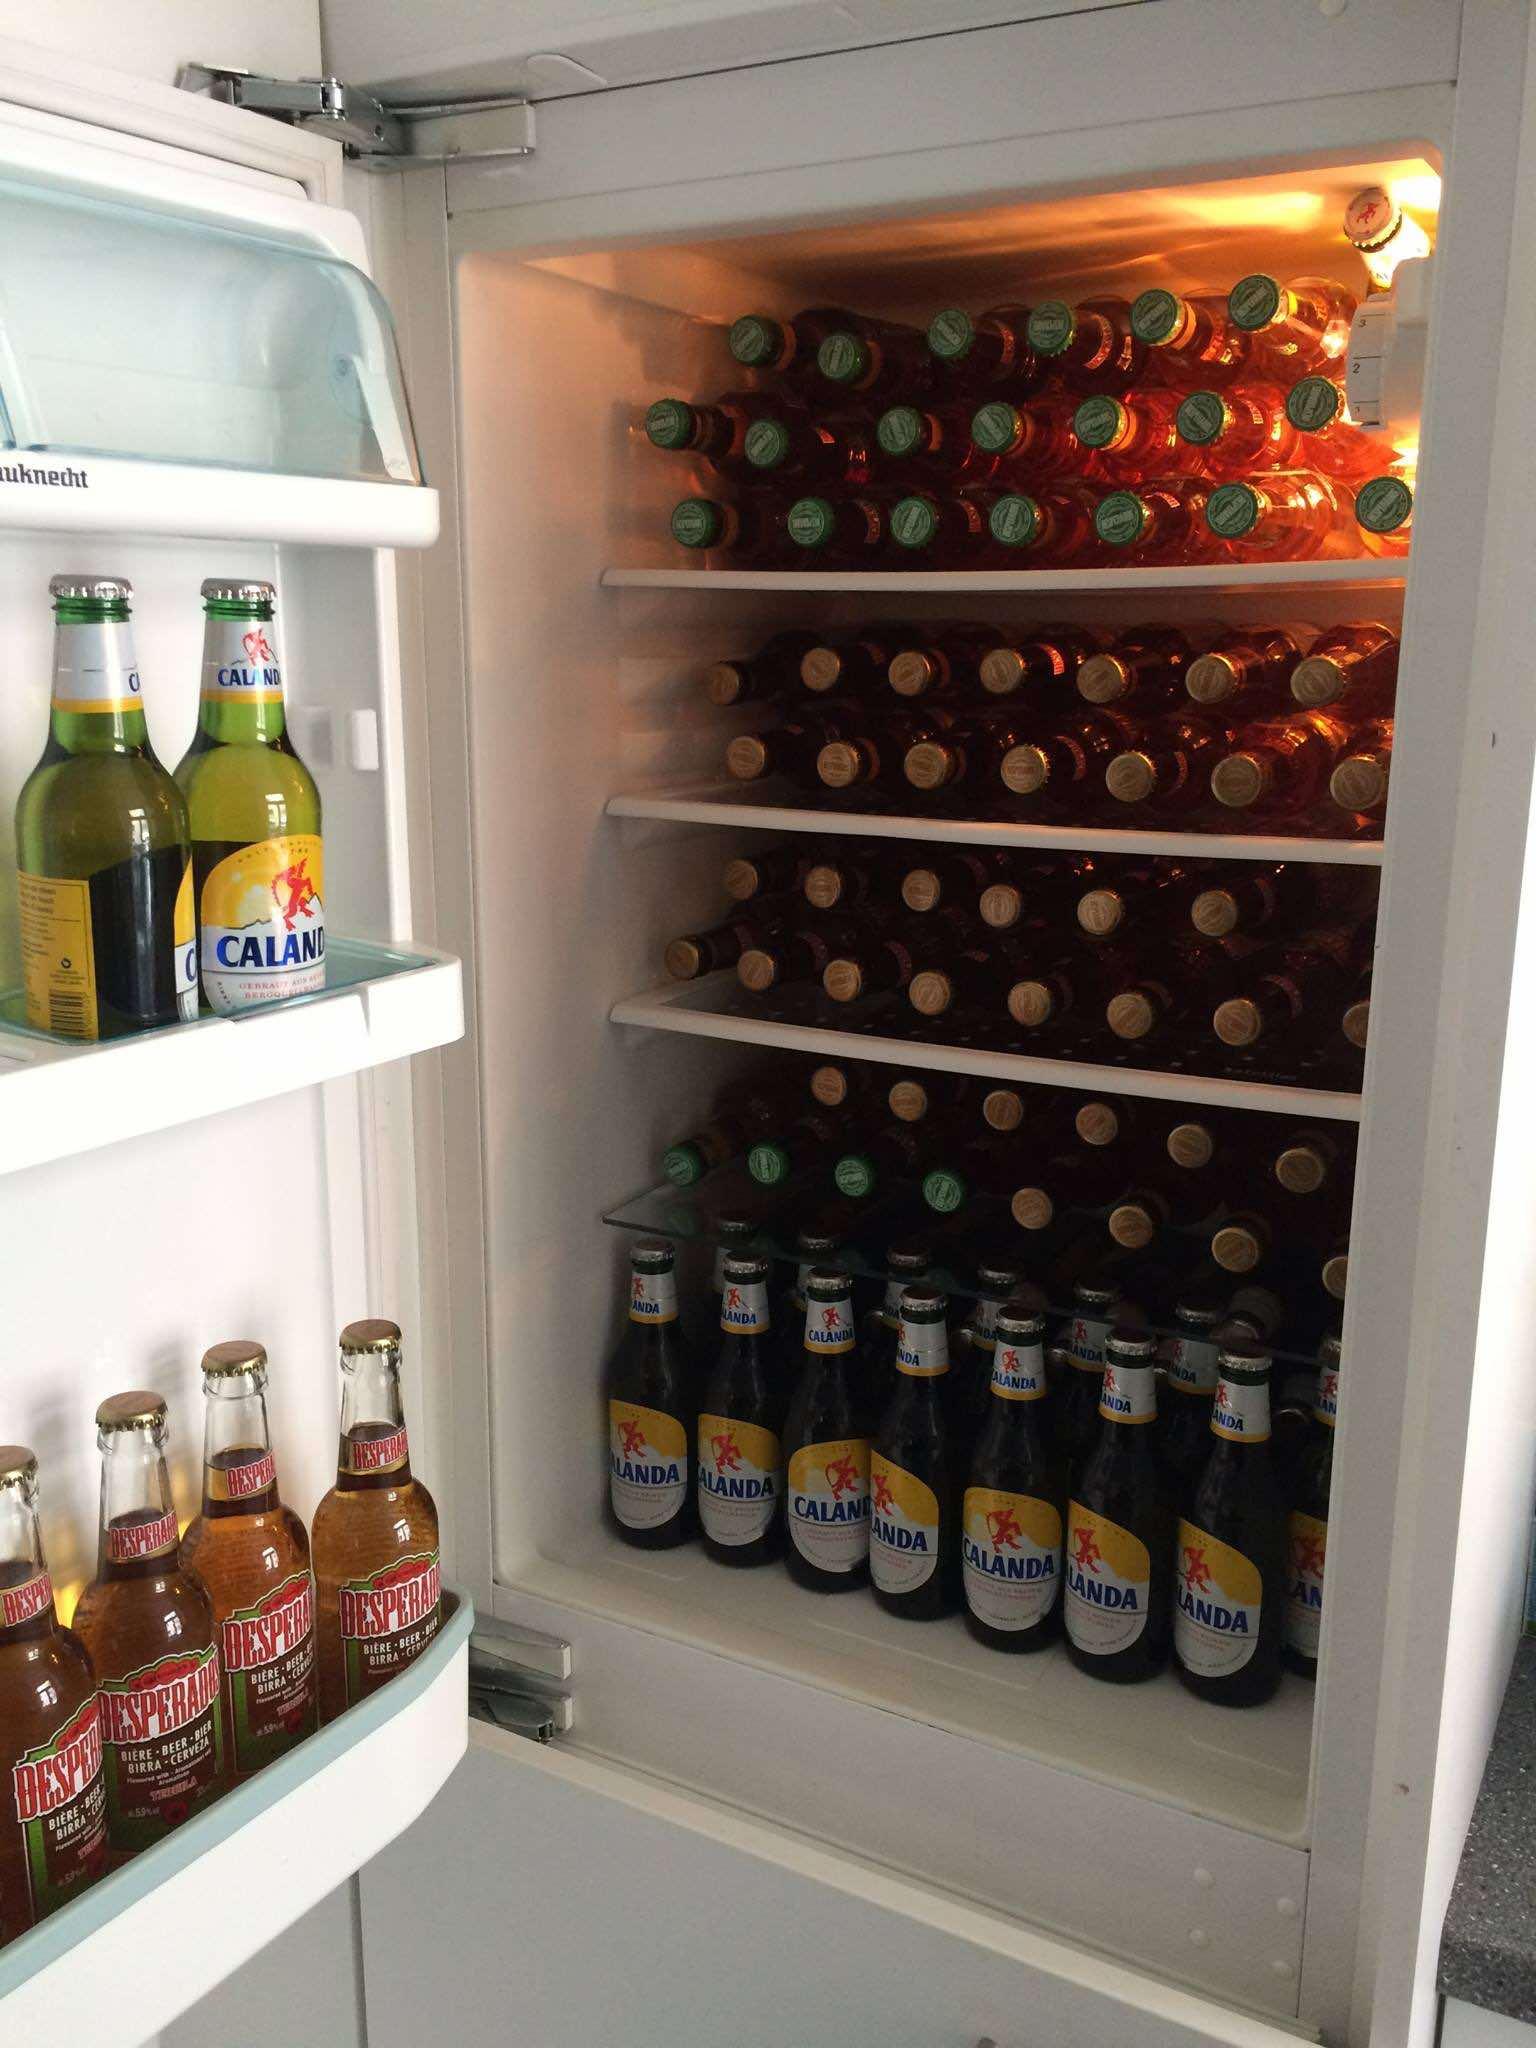 Atemberaubend Bacardi Kühlschrank Bilder - Die Designideen für ...